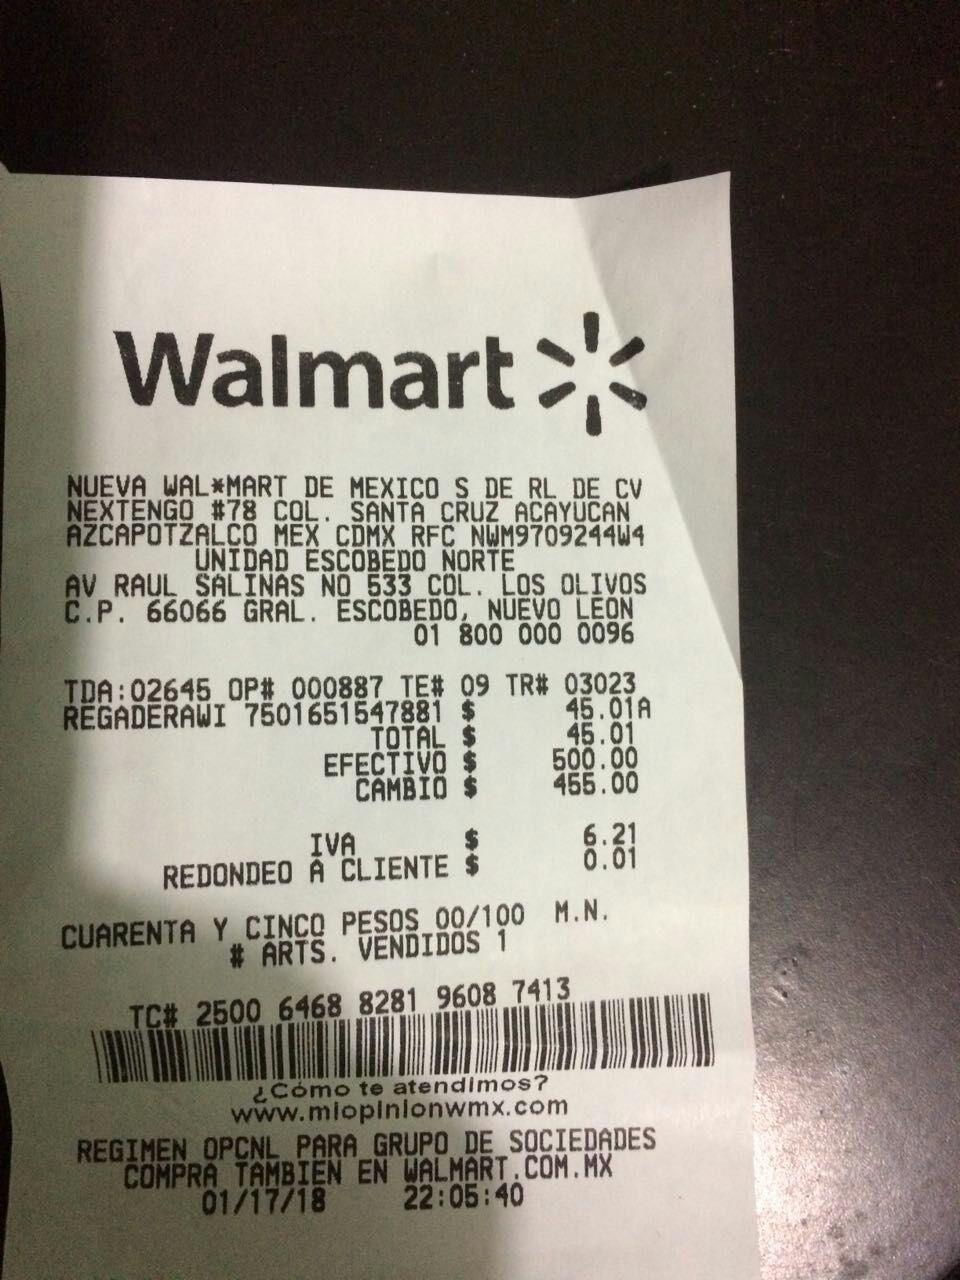 Walmart Escobedo Nte: liquidación de Regadera manual